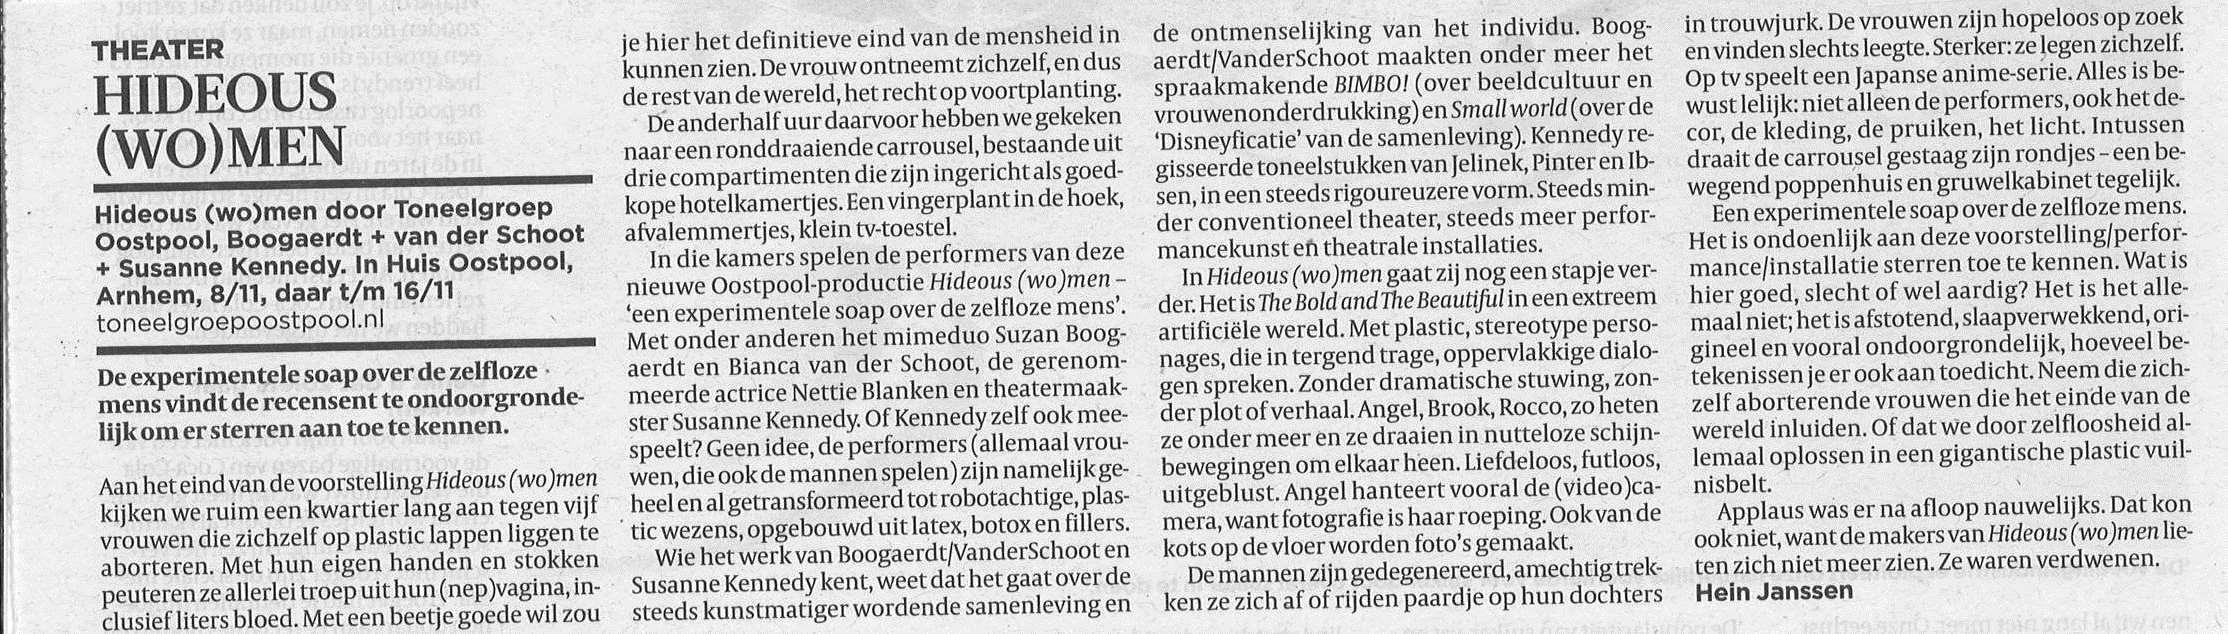 Hideous (wo)men - recensie Volkskrant.jpg